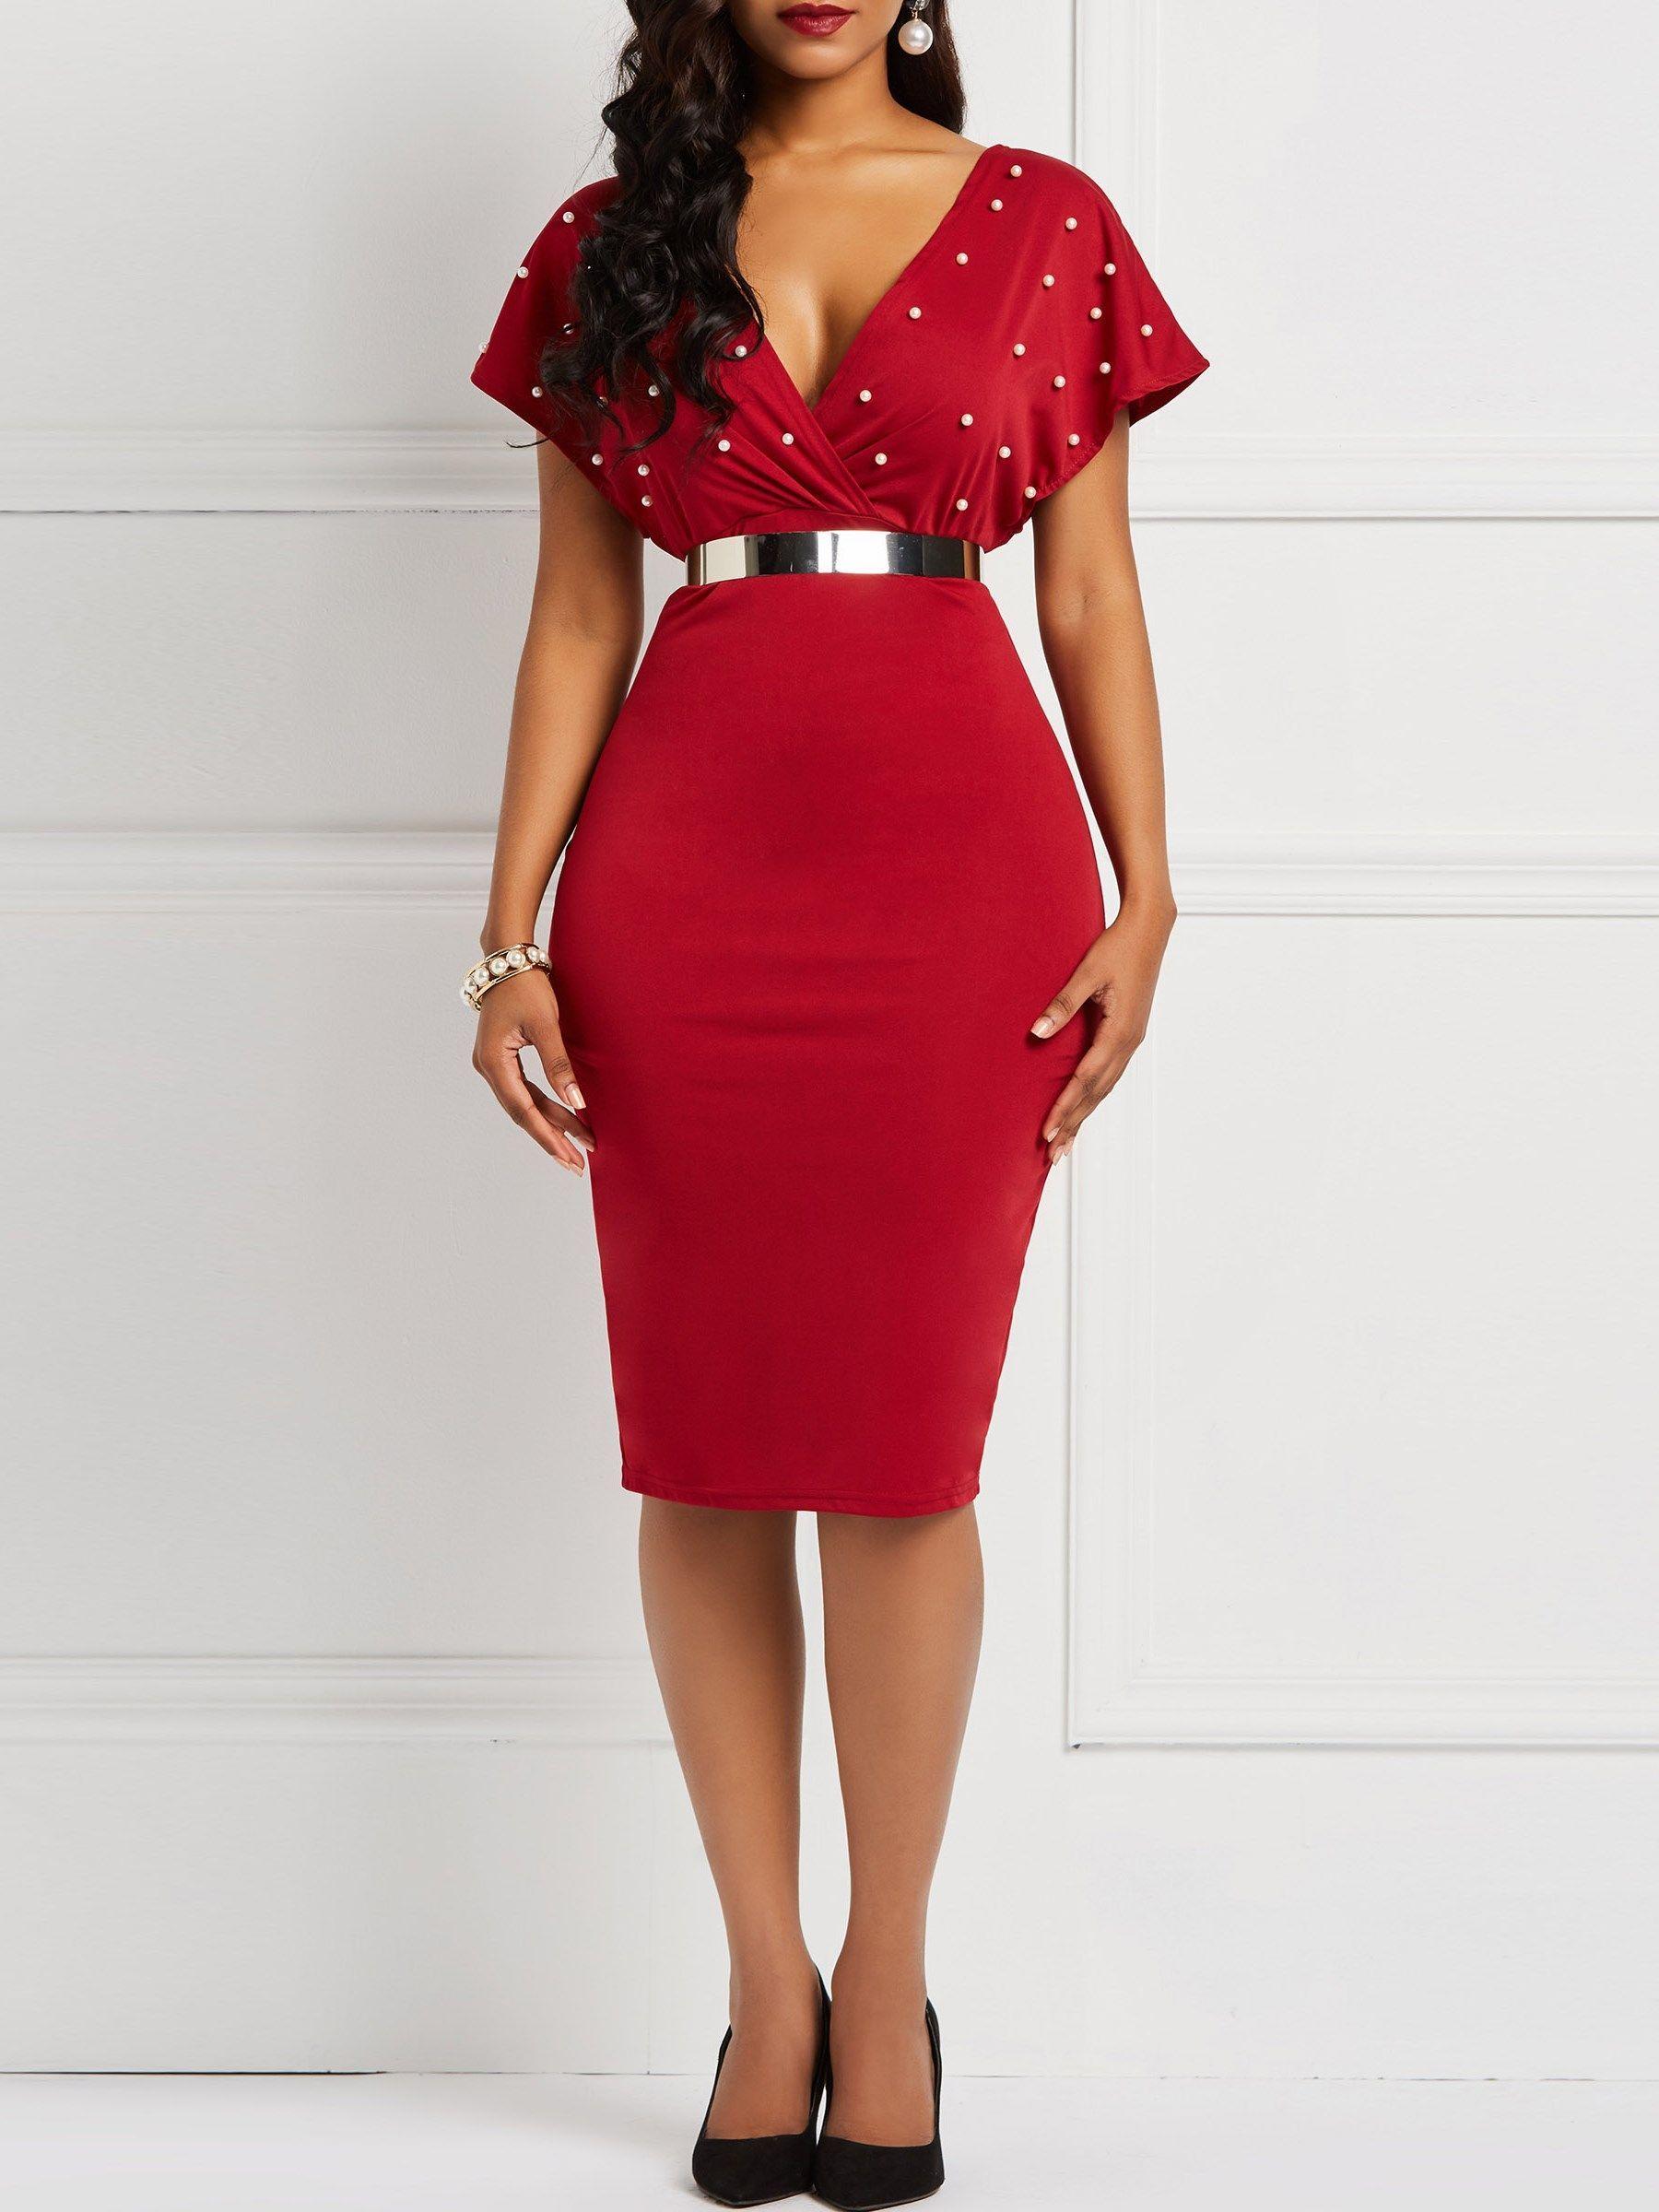 Short Sleeve Bead Pullover Bead Women S Bodycon Dress Bodycon Dress Women Bodycon Dress Dresses [ 2400 x 1800 Pixel ]